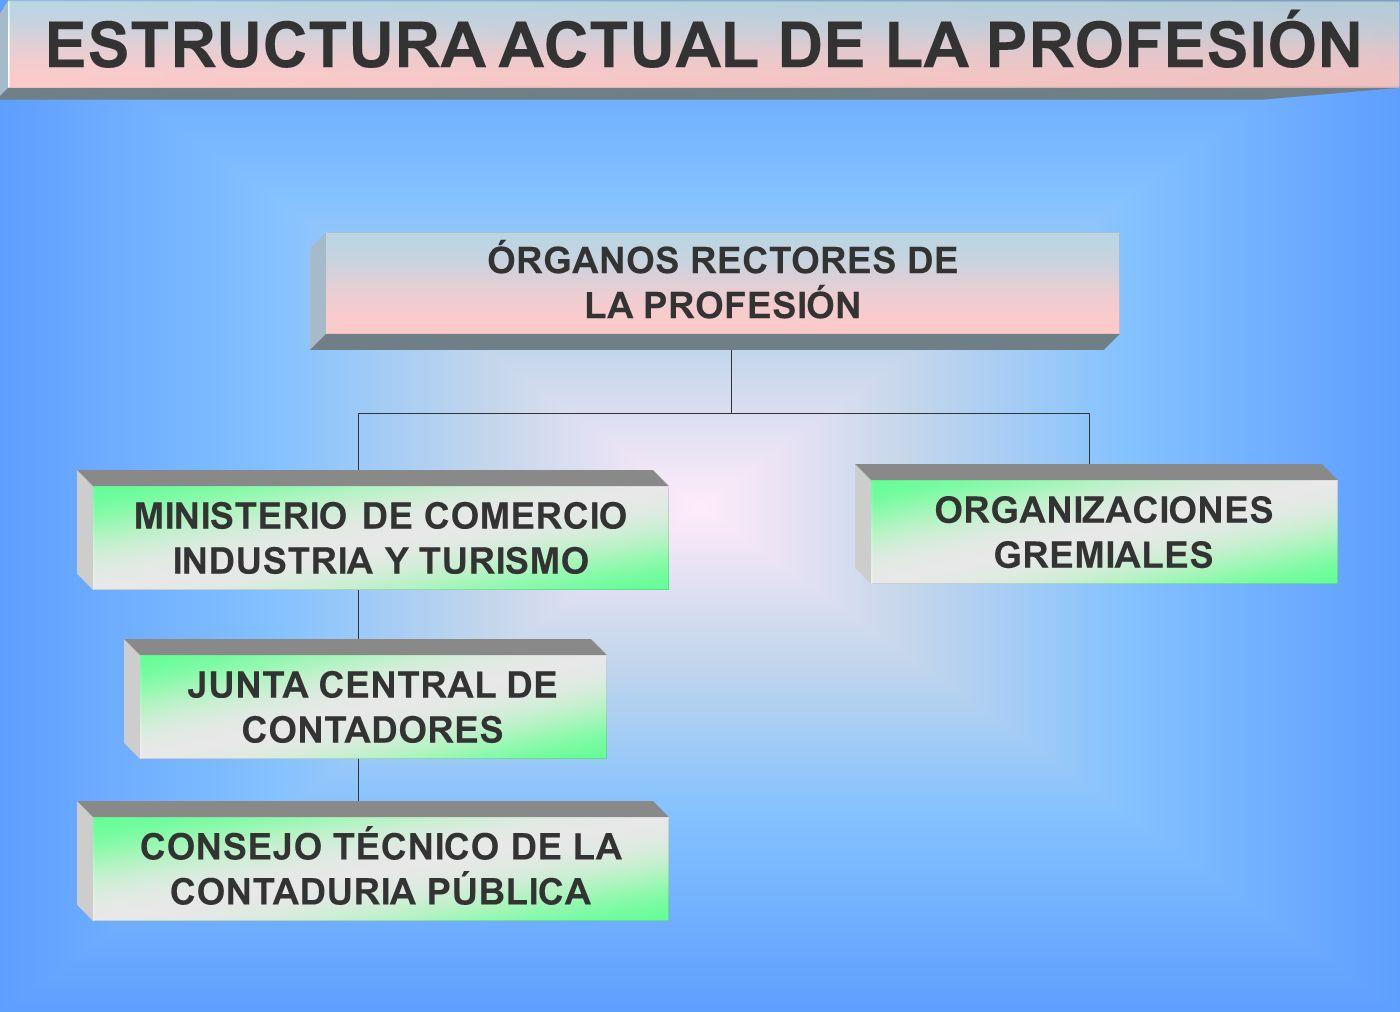 ESTRUCTURA ACTUAL DE LA PROFESIÓN